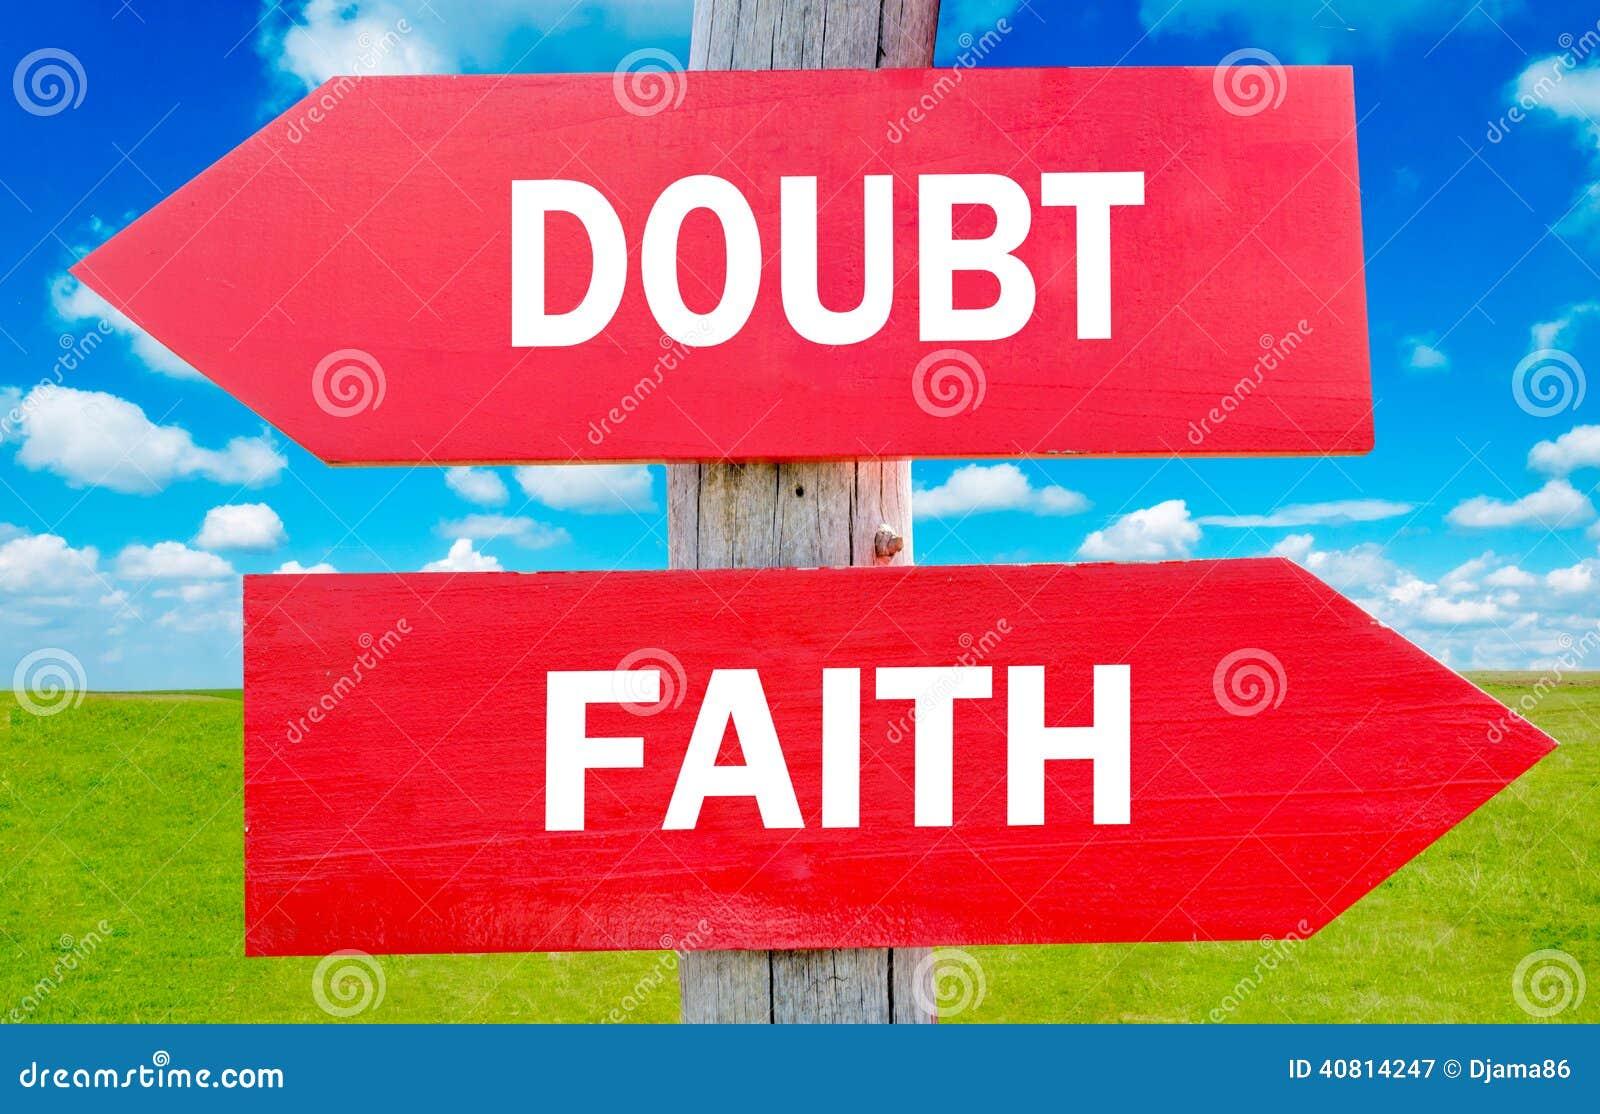 Αμφιβολία ή πίστη